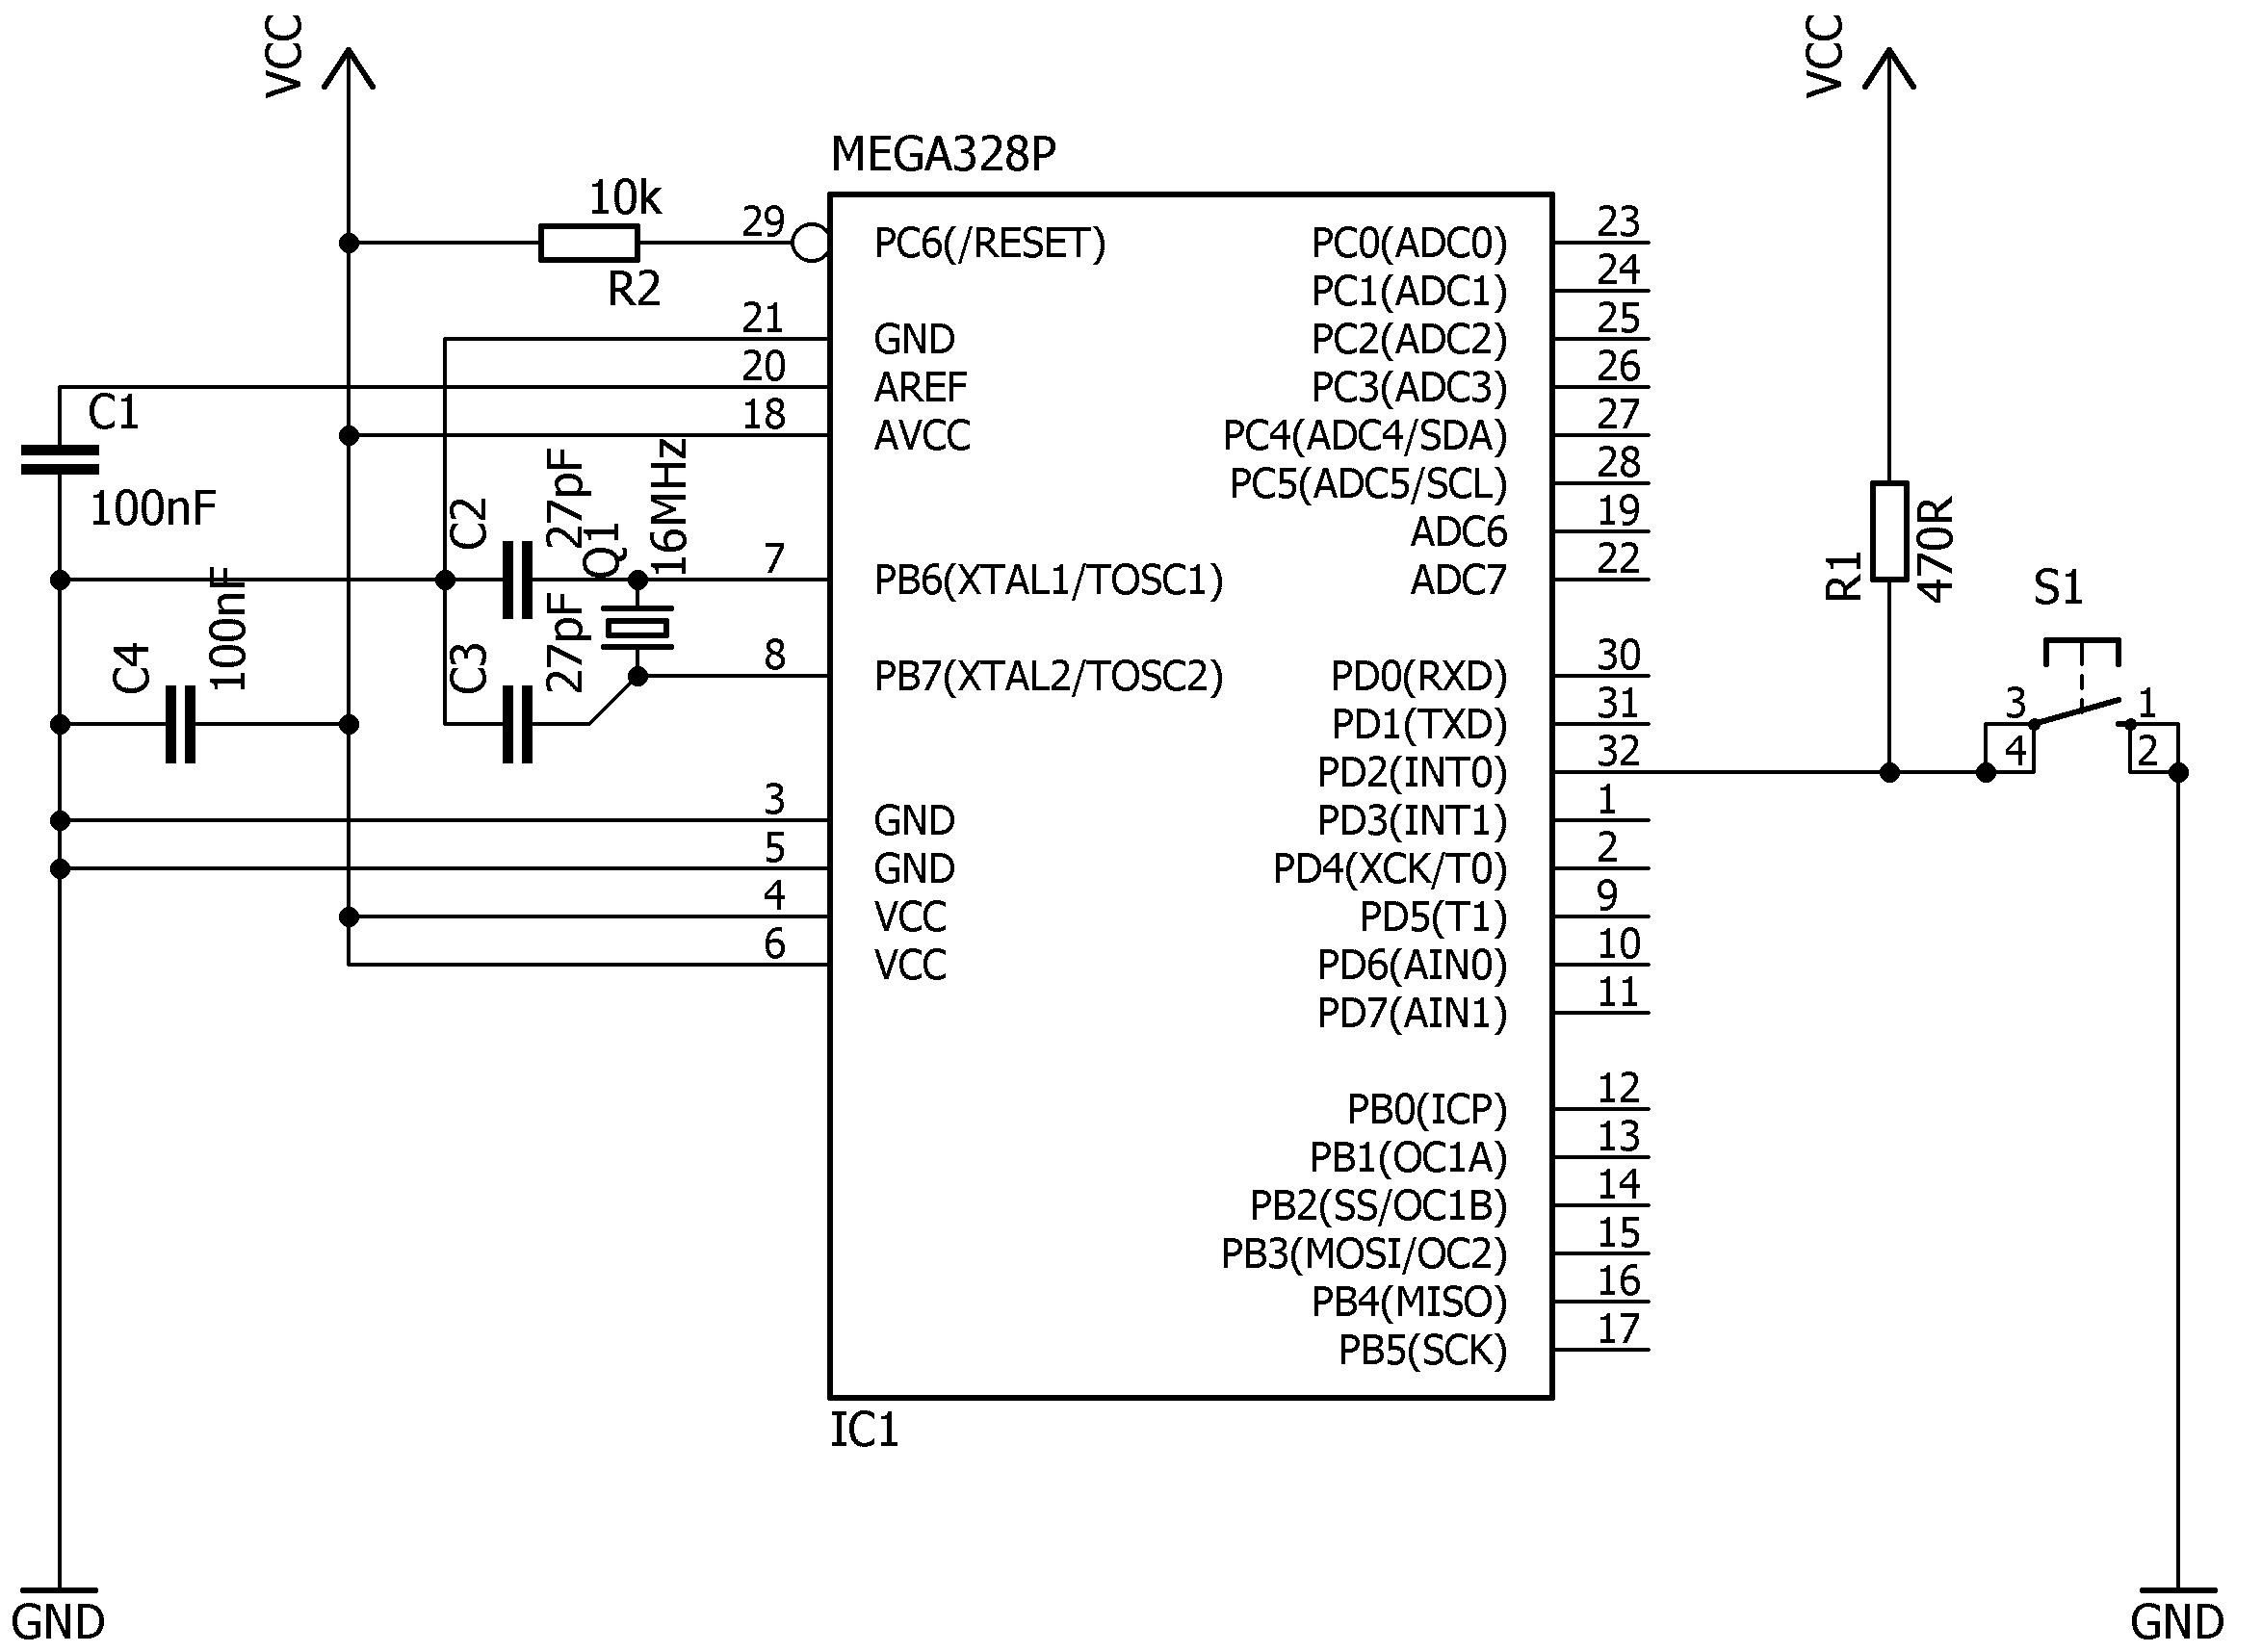 19.1 schemat